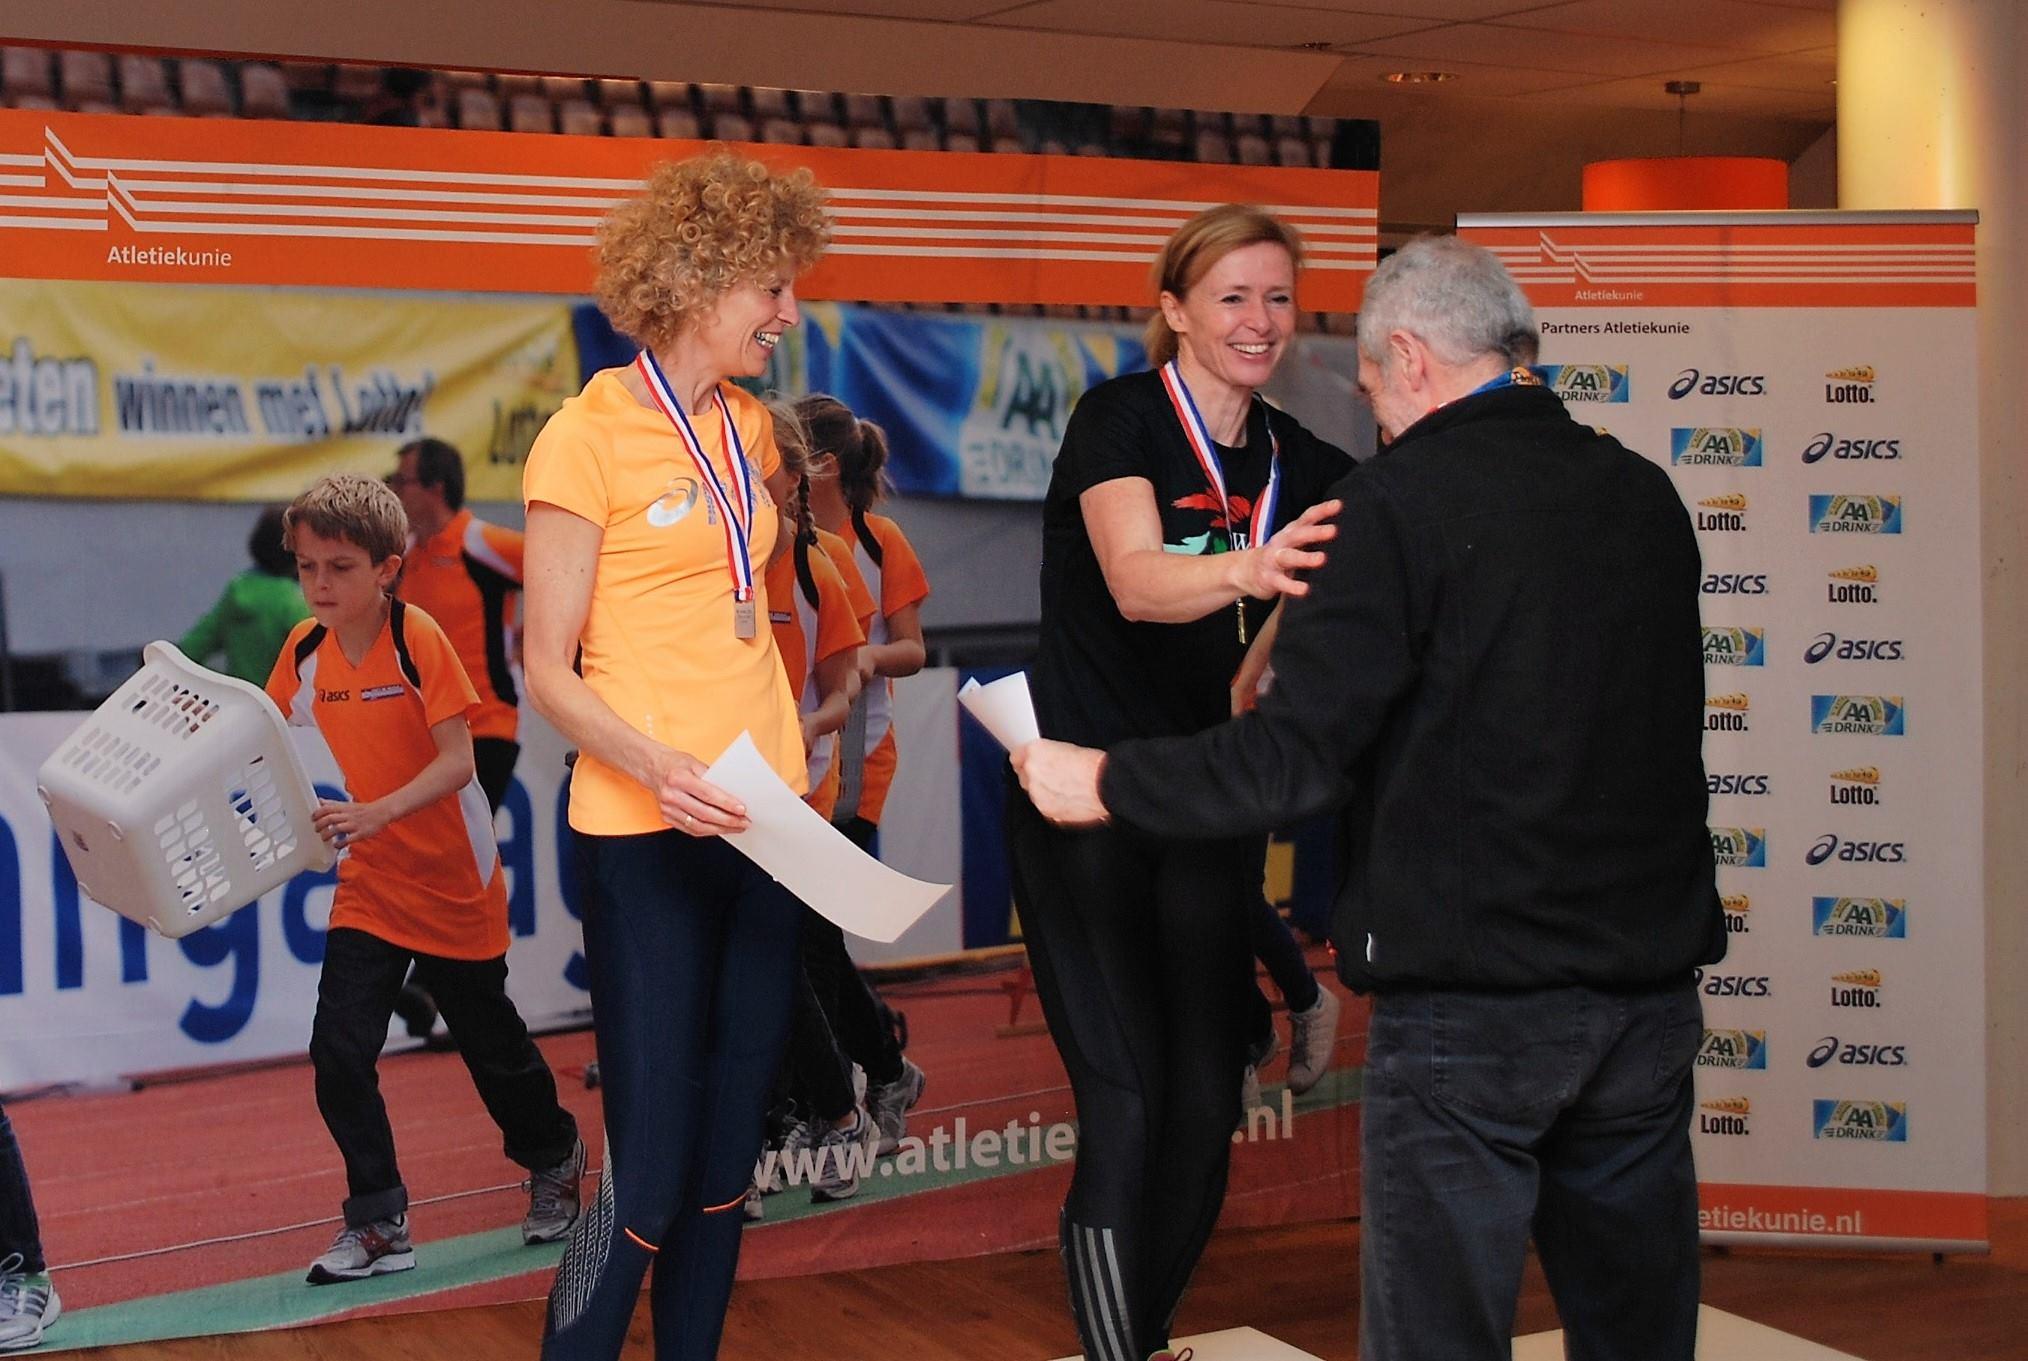 Valerie Klostermann neemt haar welverdiende prijs in ontvangst na haar verbetering van het Nederlands record in de klasse V50 naar een tijd van 27.52. Foto met dank aan Simone van Geel-Herlaar die met een tijd van 27.70.